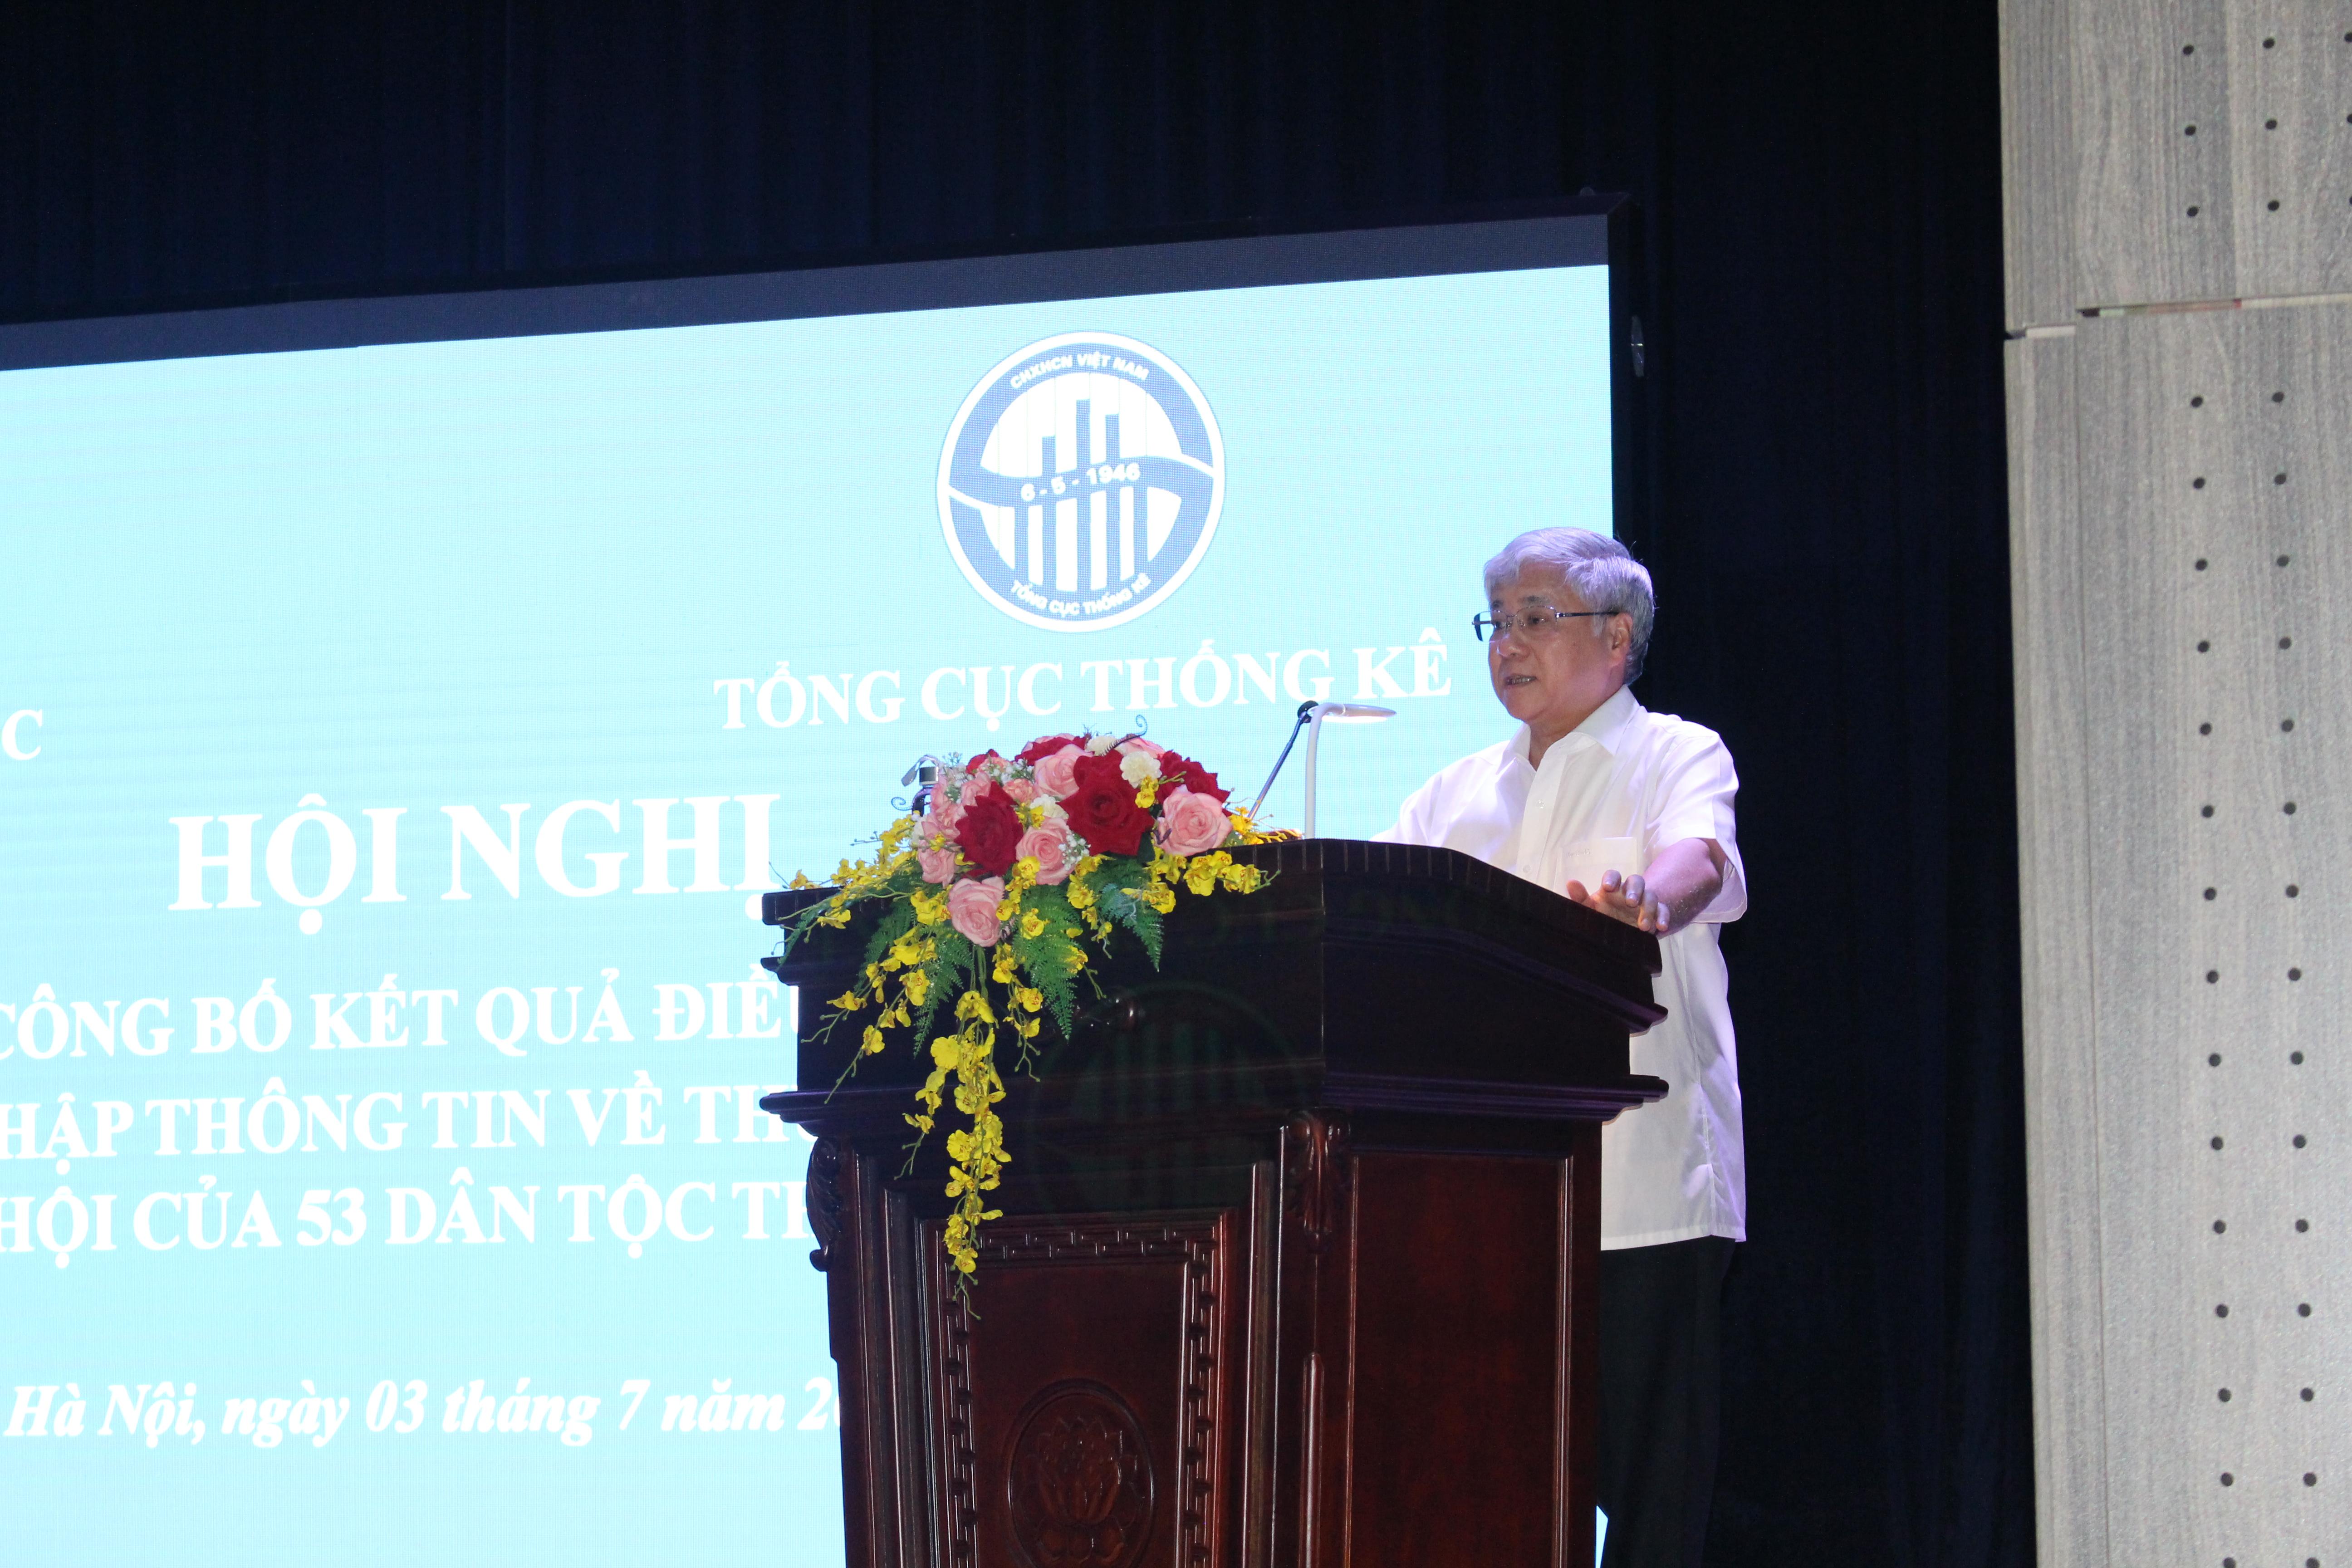 Ông Đỗ Văn Chiến, Bộ trưởng, Chủ nhiệm Ủy ban Dân tộc phát biểu tại hội nghị.